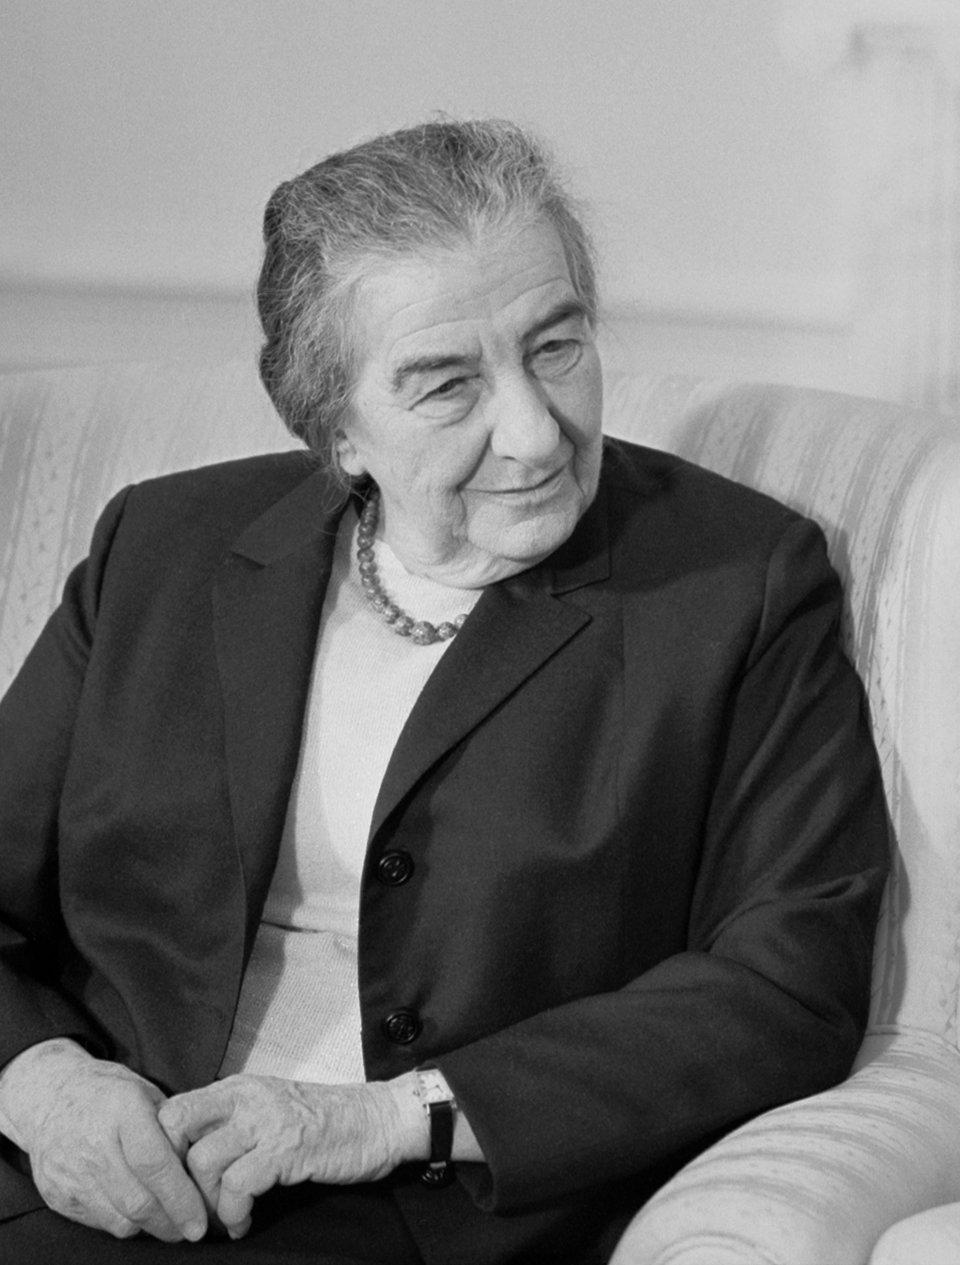 Golda Meir Źródło: Marion S. Trikosko, Golda Meir, domena publiczna.